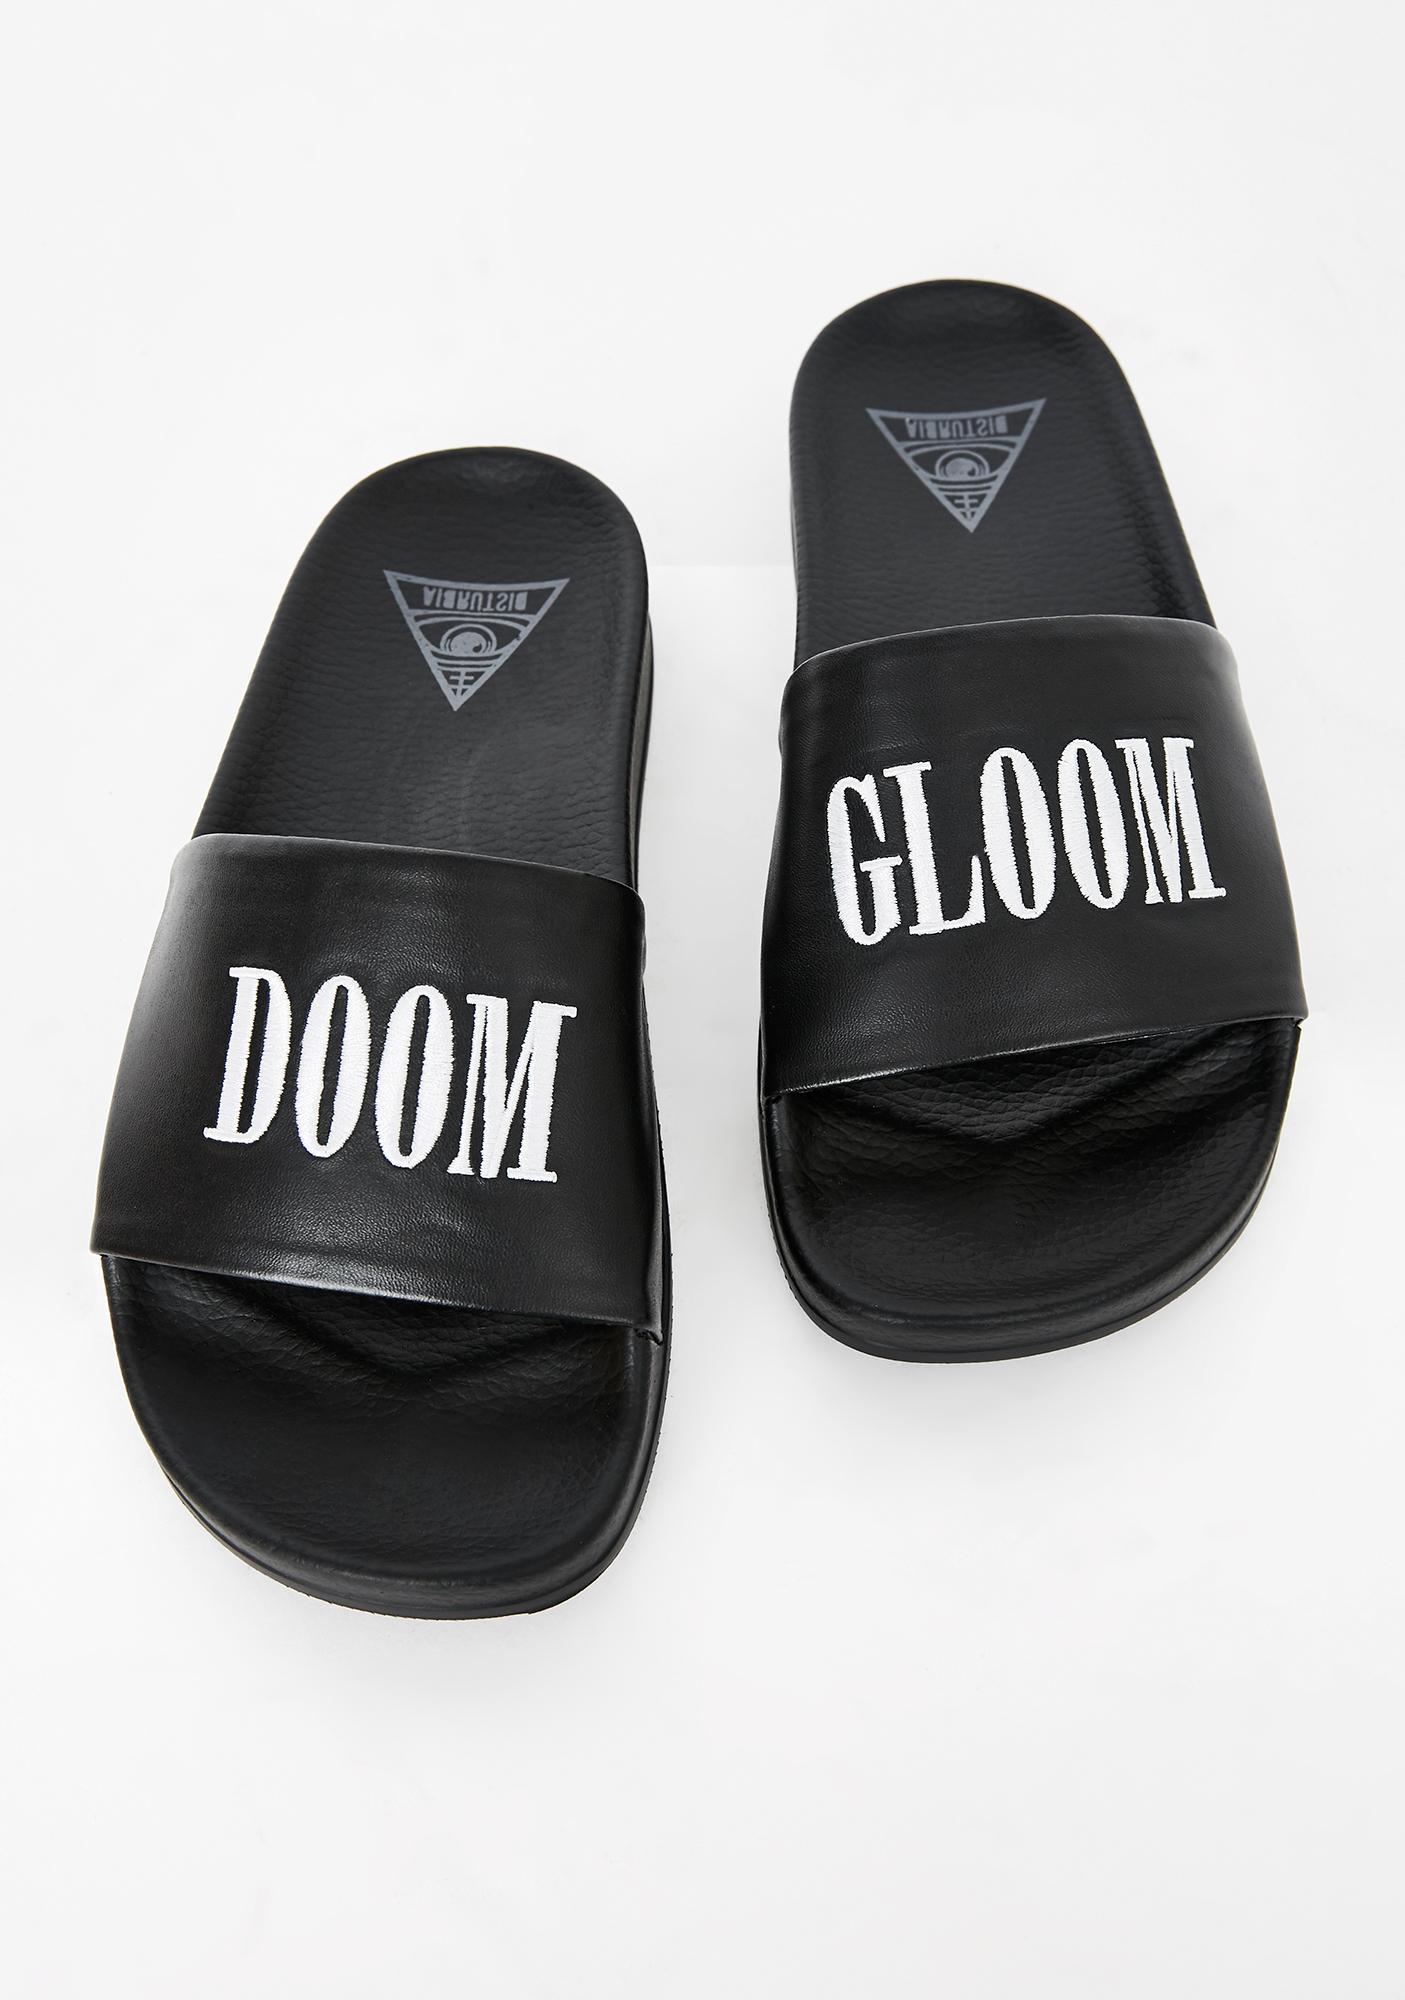 Disturbia Doom N' Gloom Slide Sandals